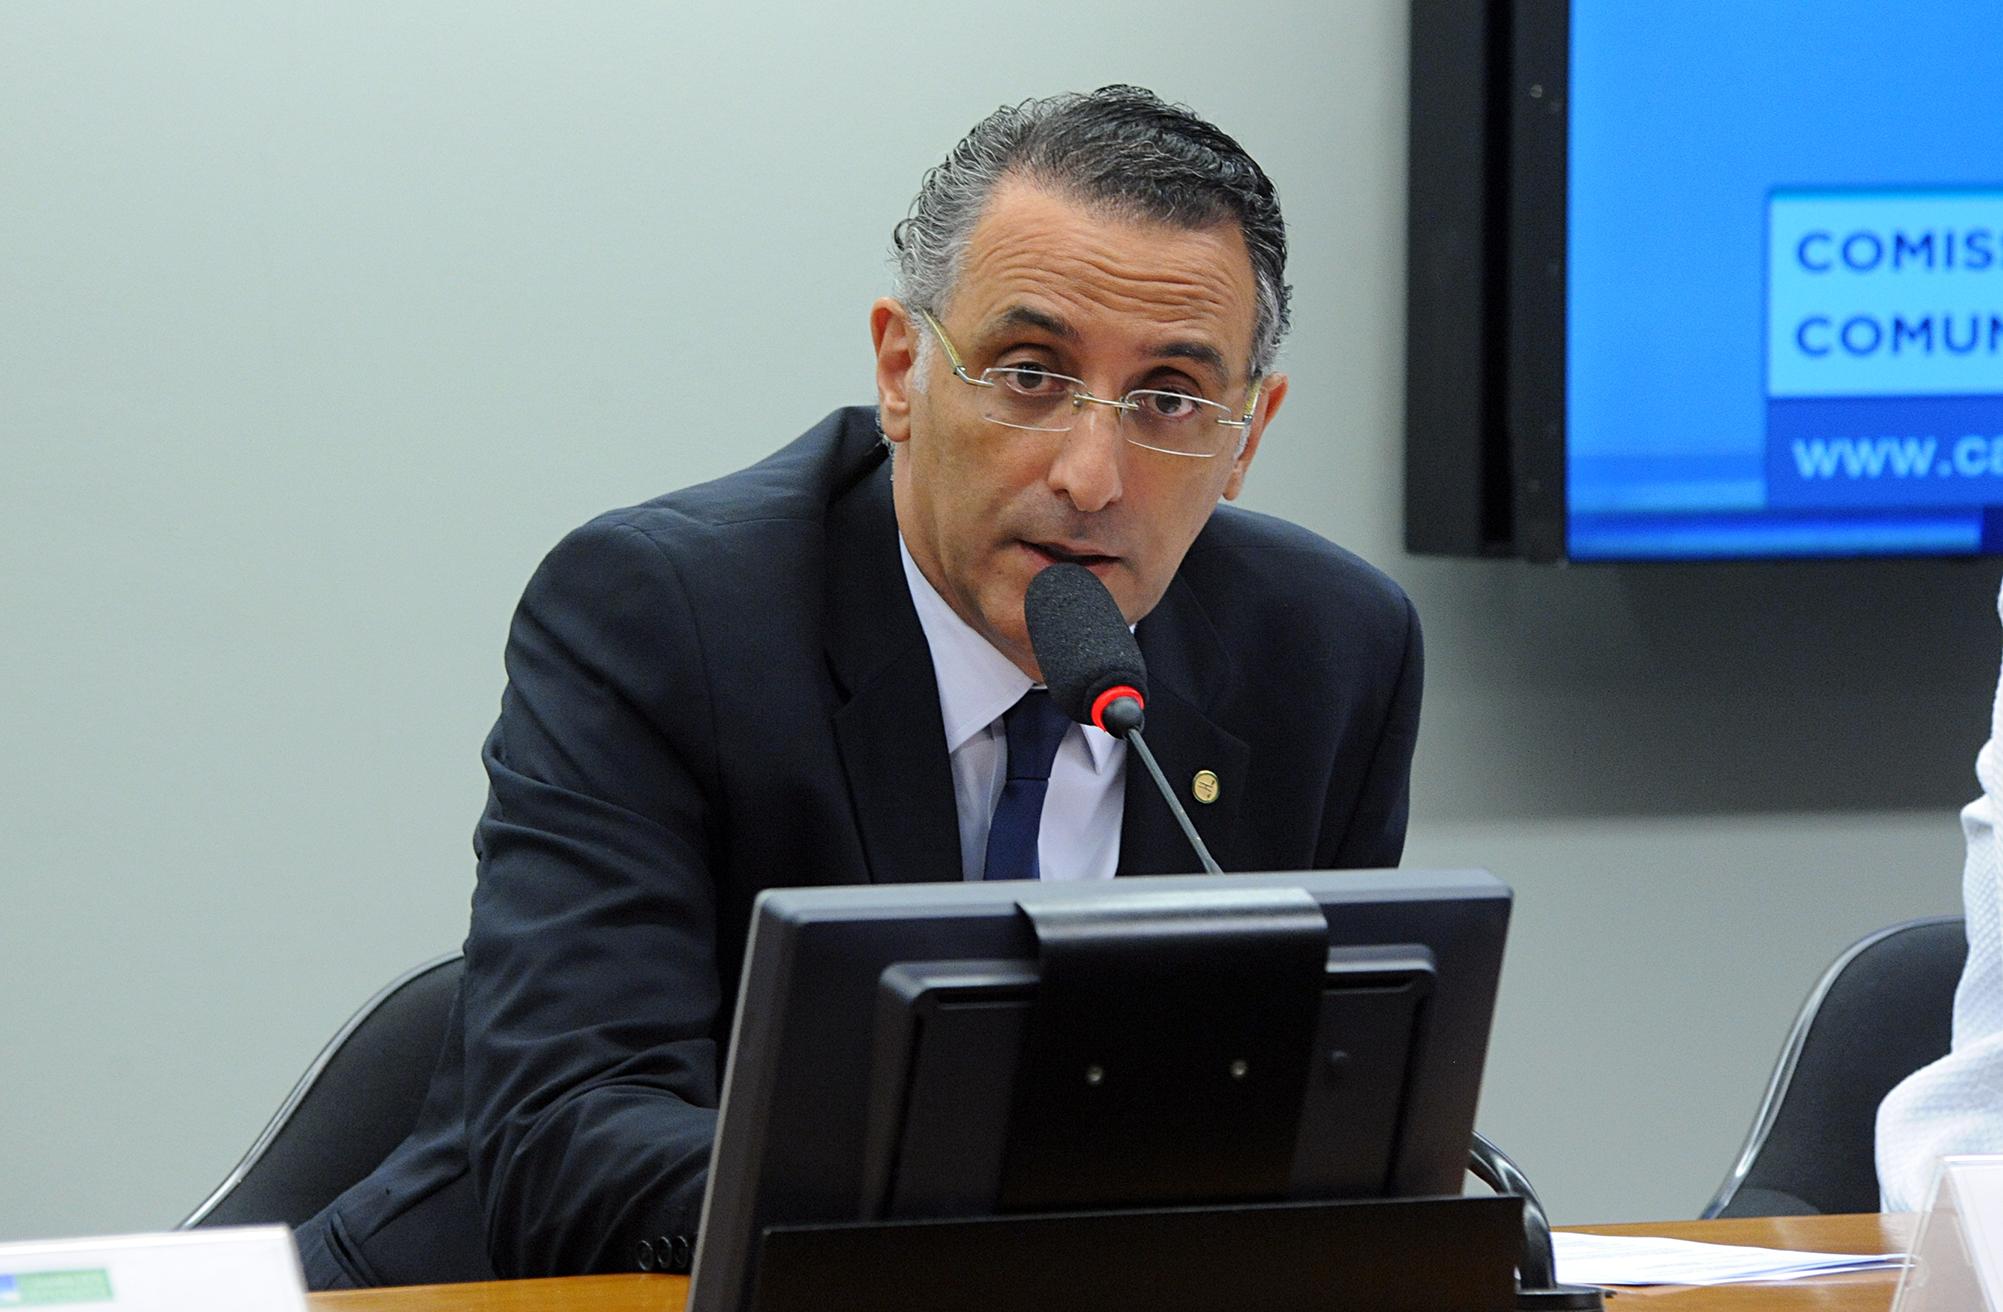 Eduardo Cury